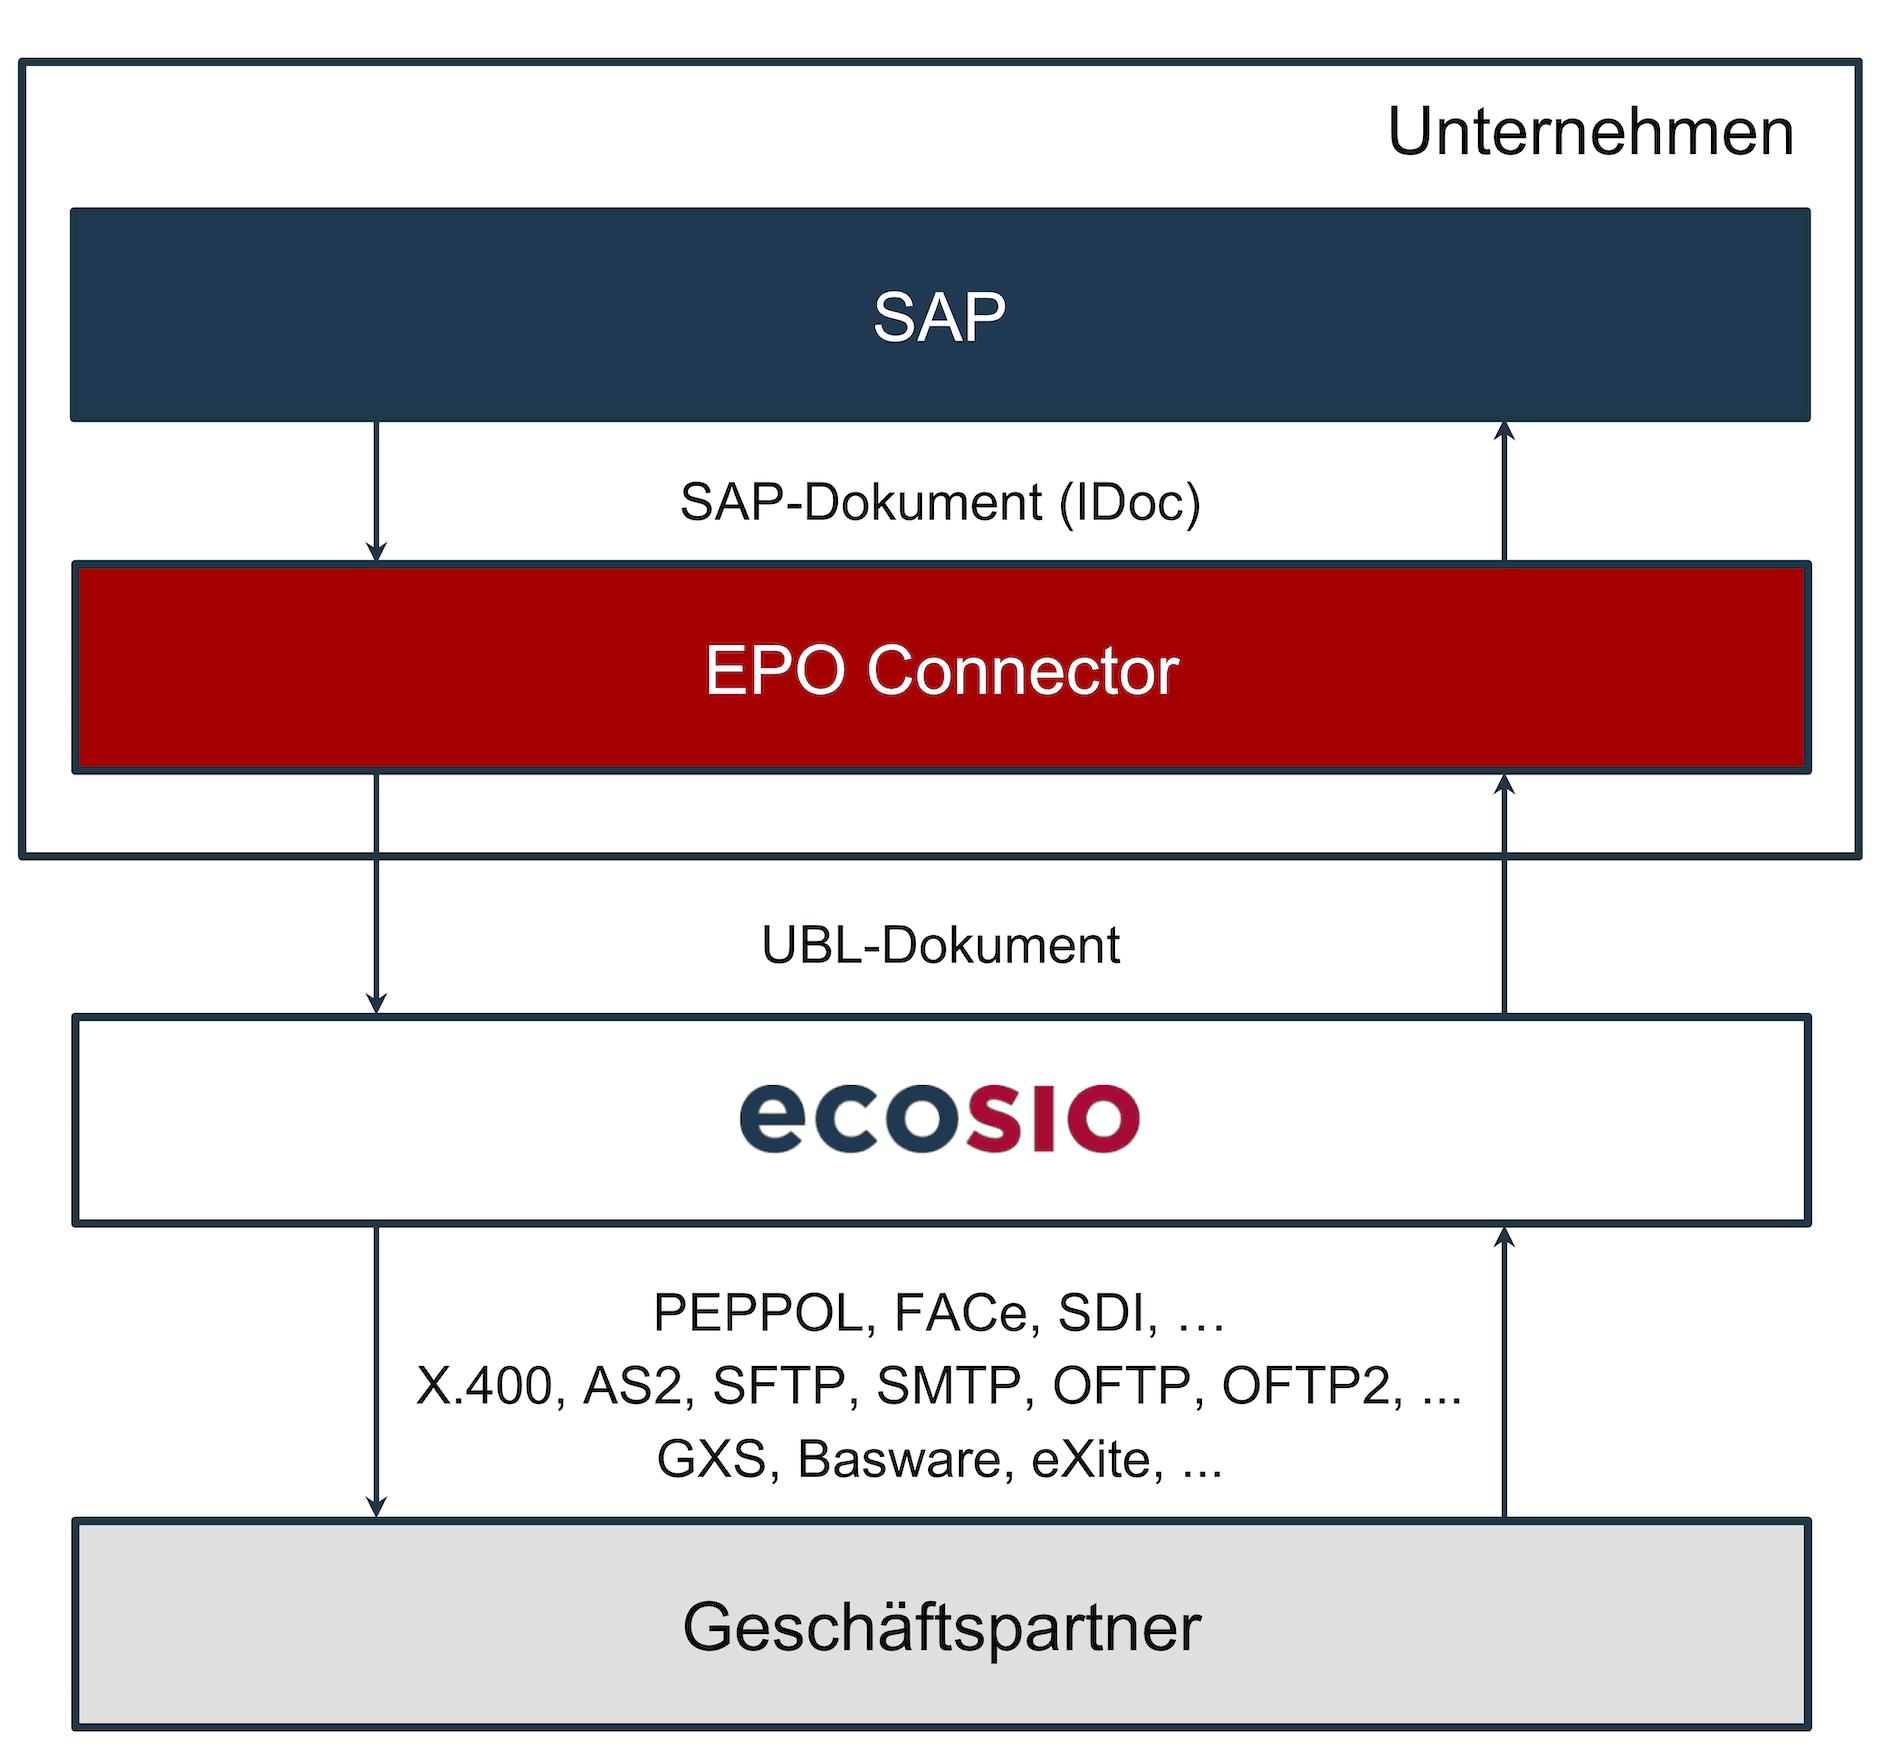 Konvertierung und Versand von UBL-Dokumenten mit dem EPO Connector und ecosio